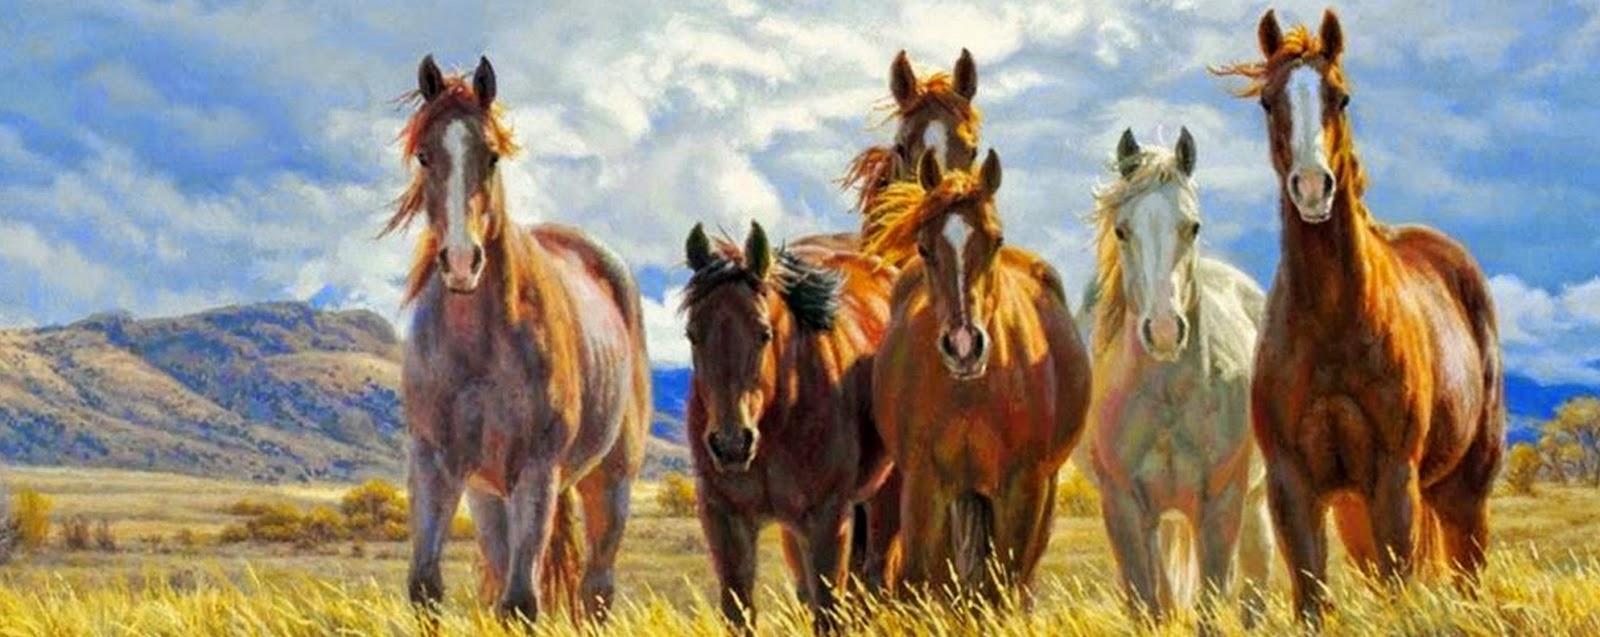 pinturas-y-fotos-de-caballos-salvajes